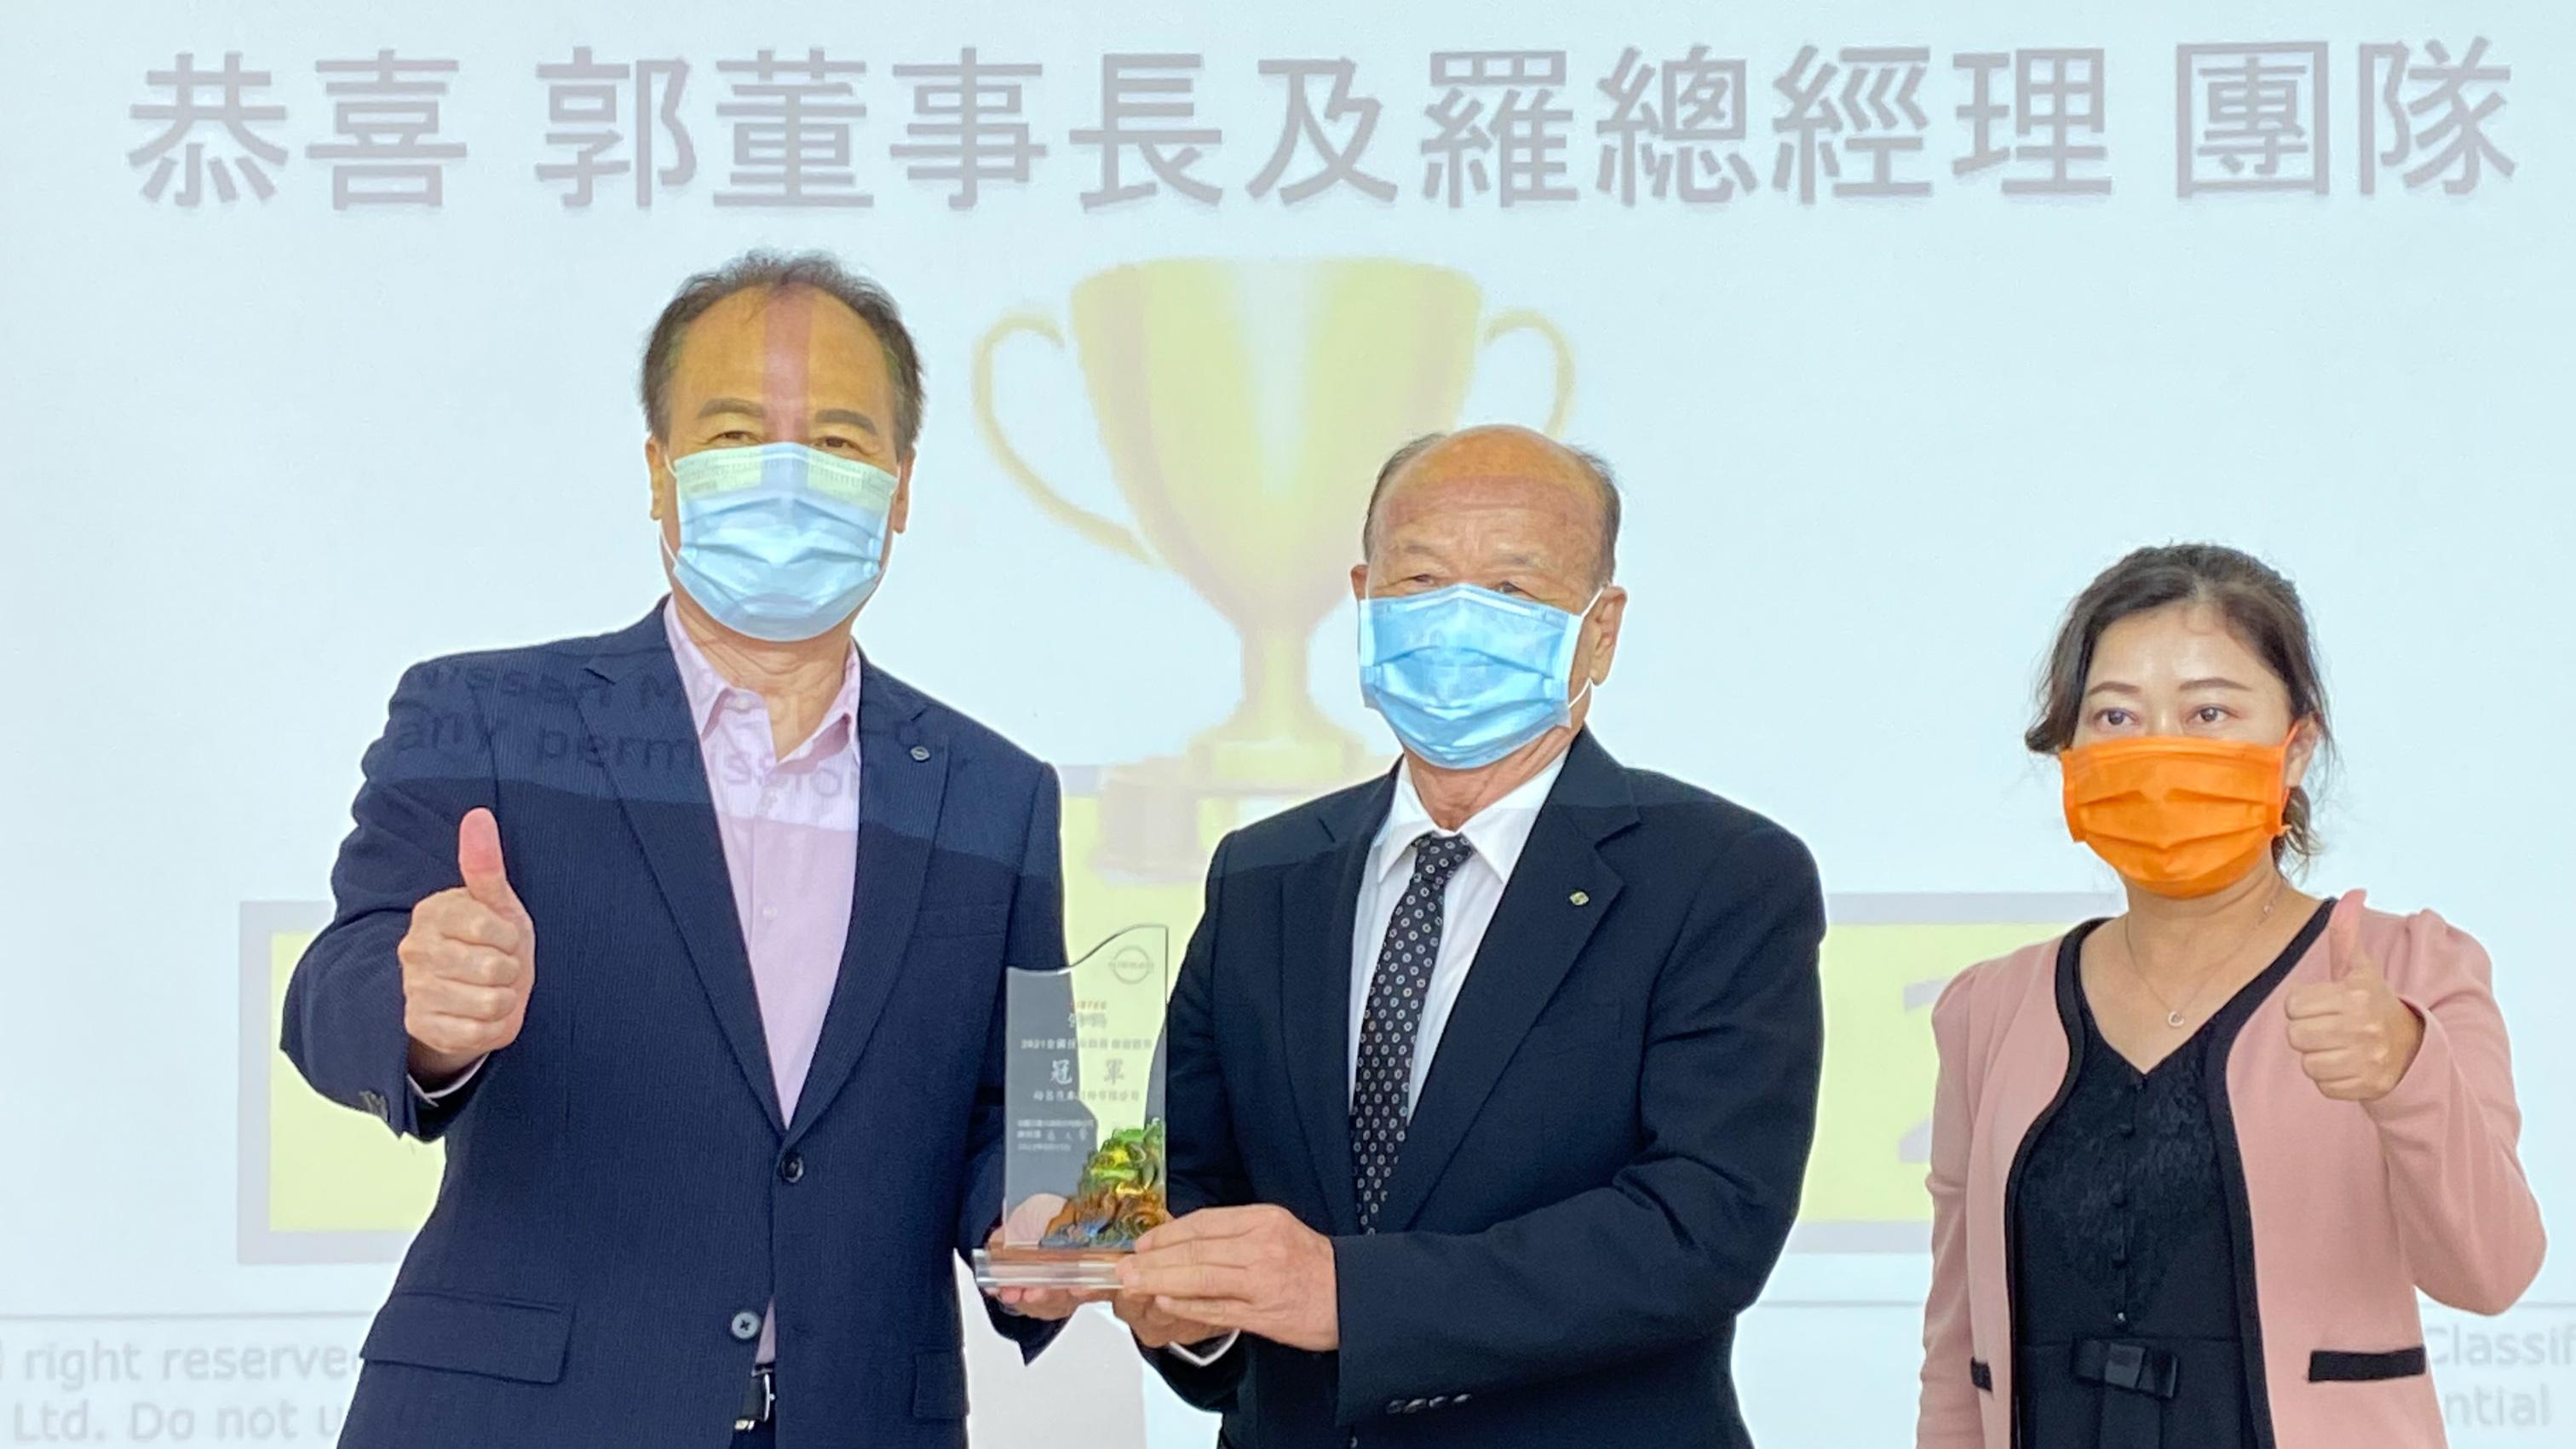 ▲ 裕隆日產舉辦「2021 NISTEC/NISAC 全國技能競賽」 提昇顧客滿意